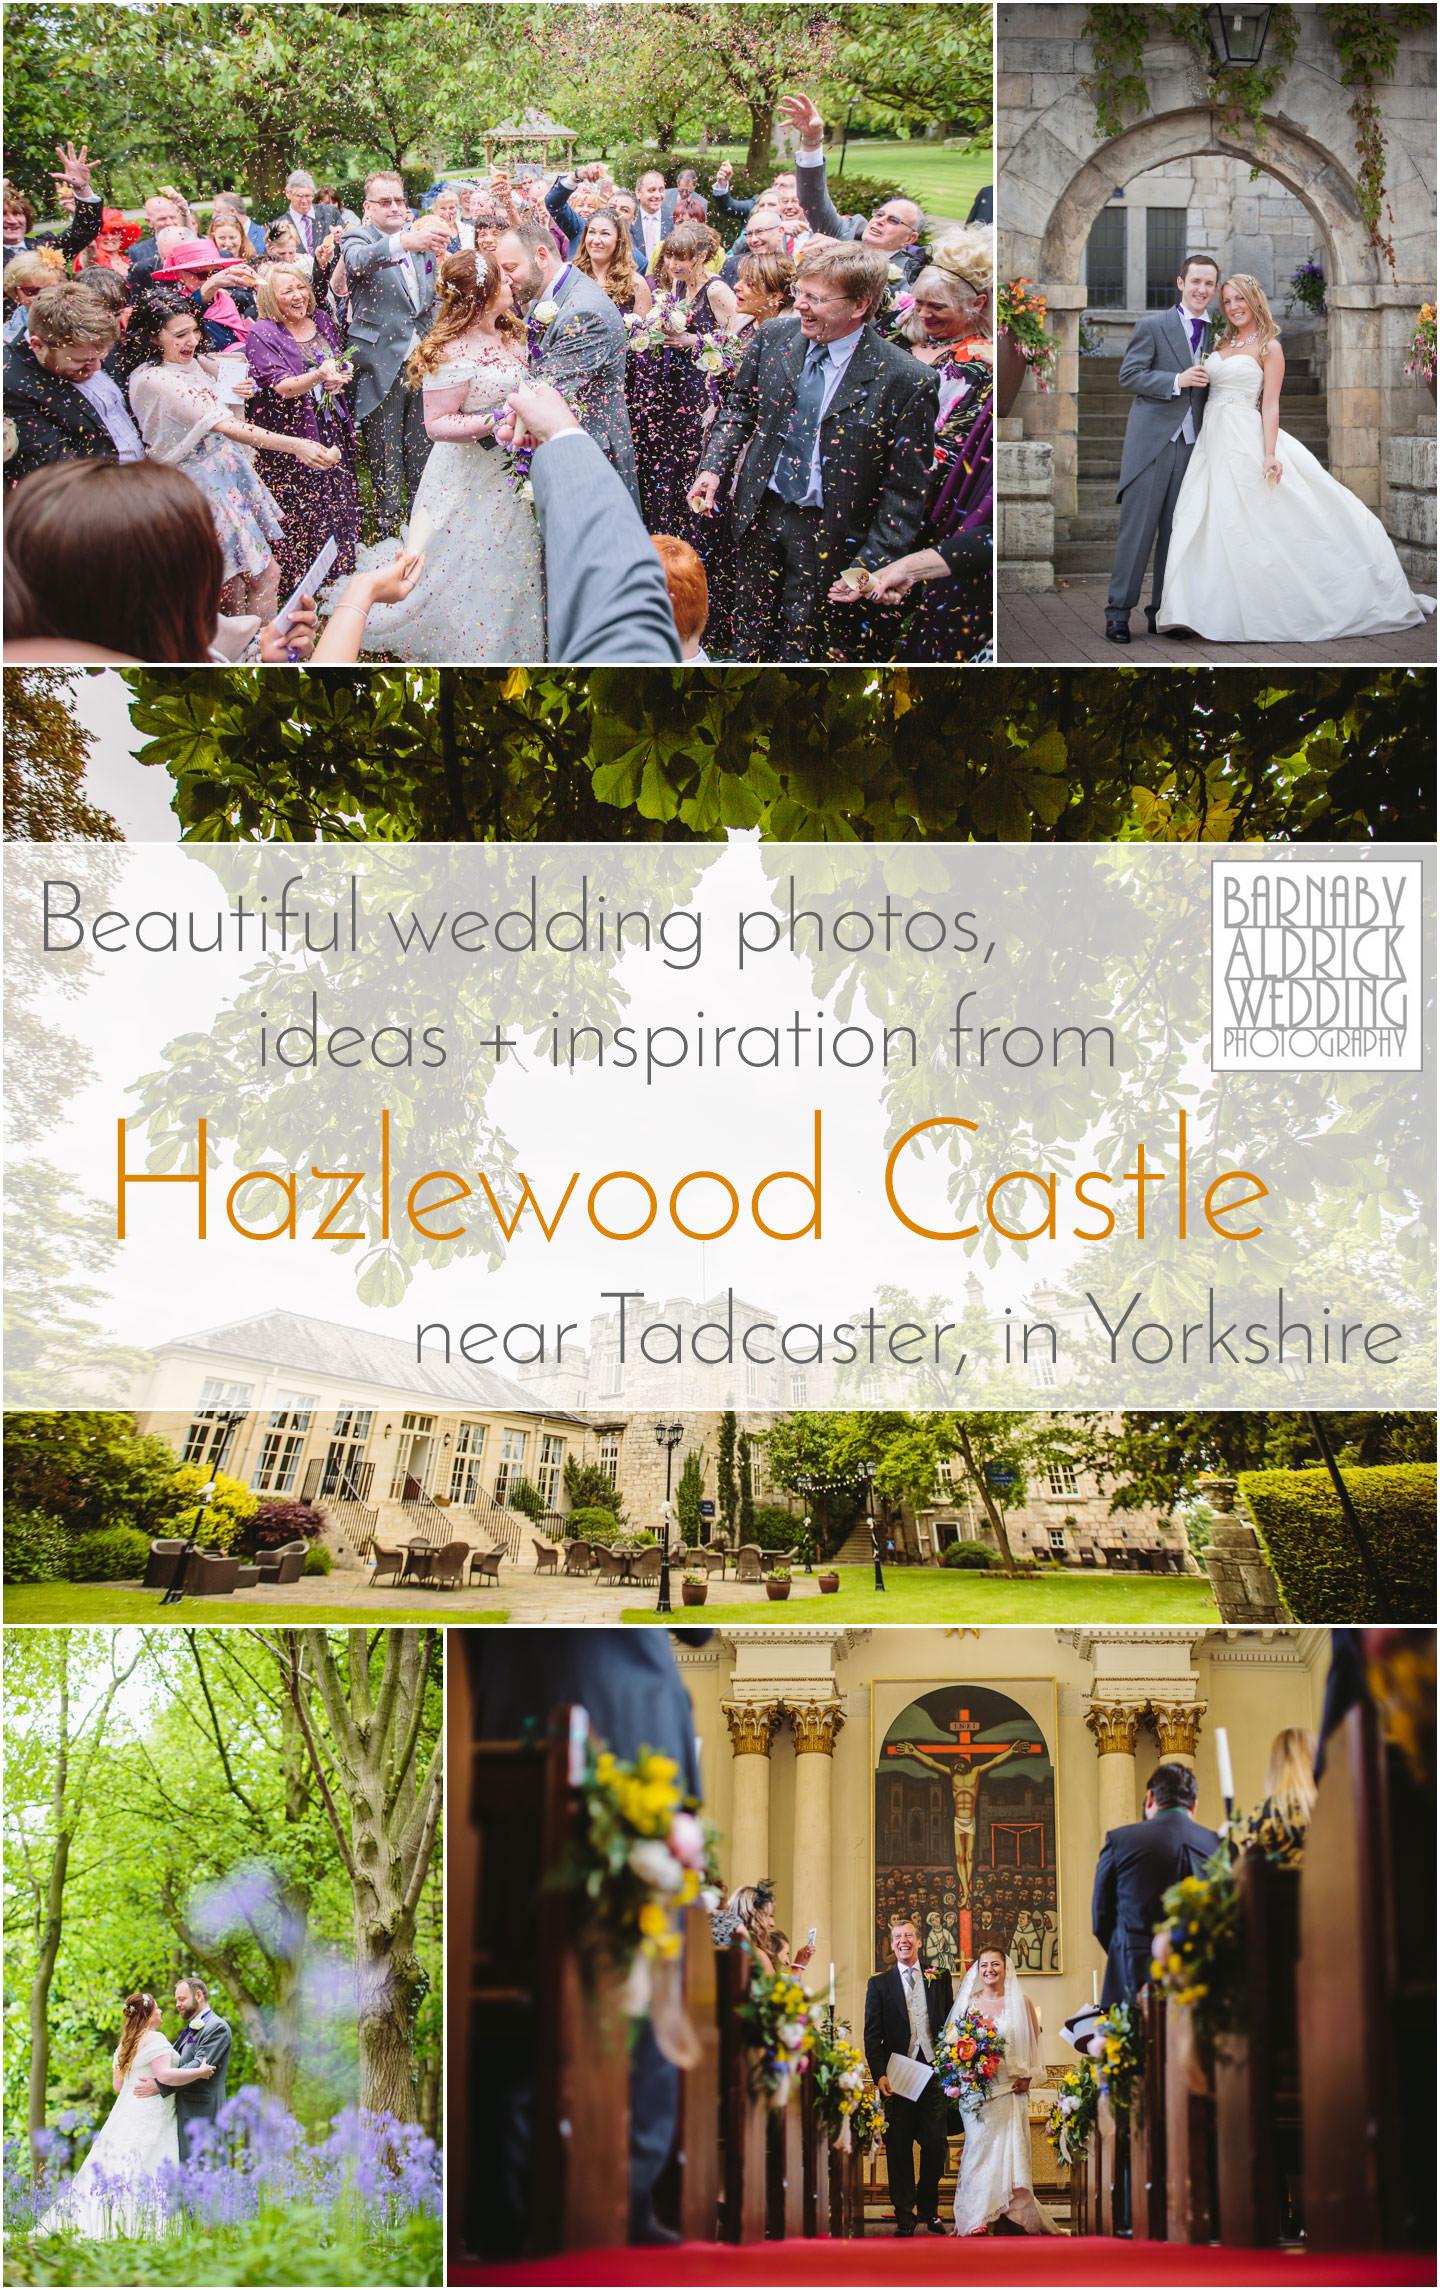 Hazlewood Castle, Hazlewood Castle Tadcaster, Hazlewood Castle York, Hazlewood Castle Yorkshire, Hazlewood Castle Wedding Photographer, Hazlewood Castle Wedding Photos, Yorkshire Wedding Venues, Best Yorkshire Wedding Venues, York Wedding Hotel Venue, UK Castle Wedding Venues